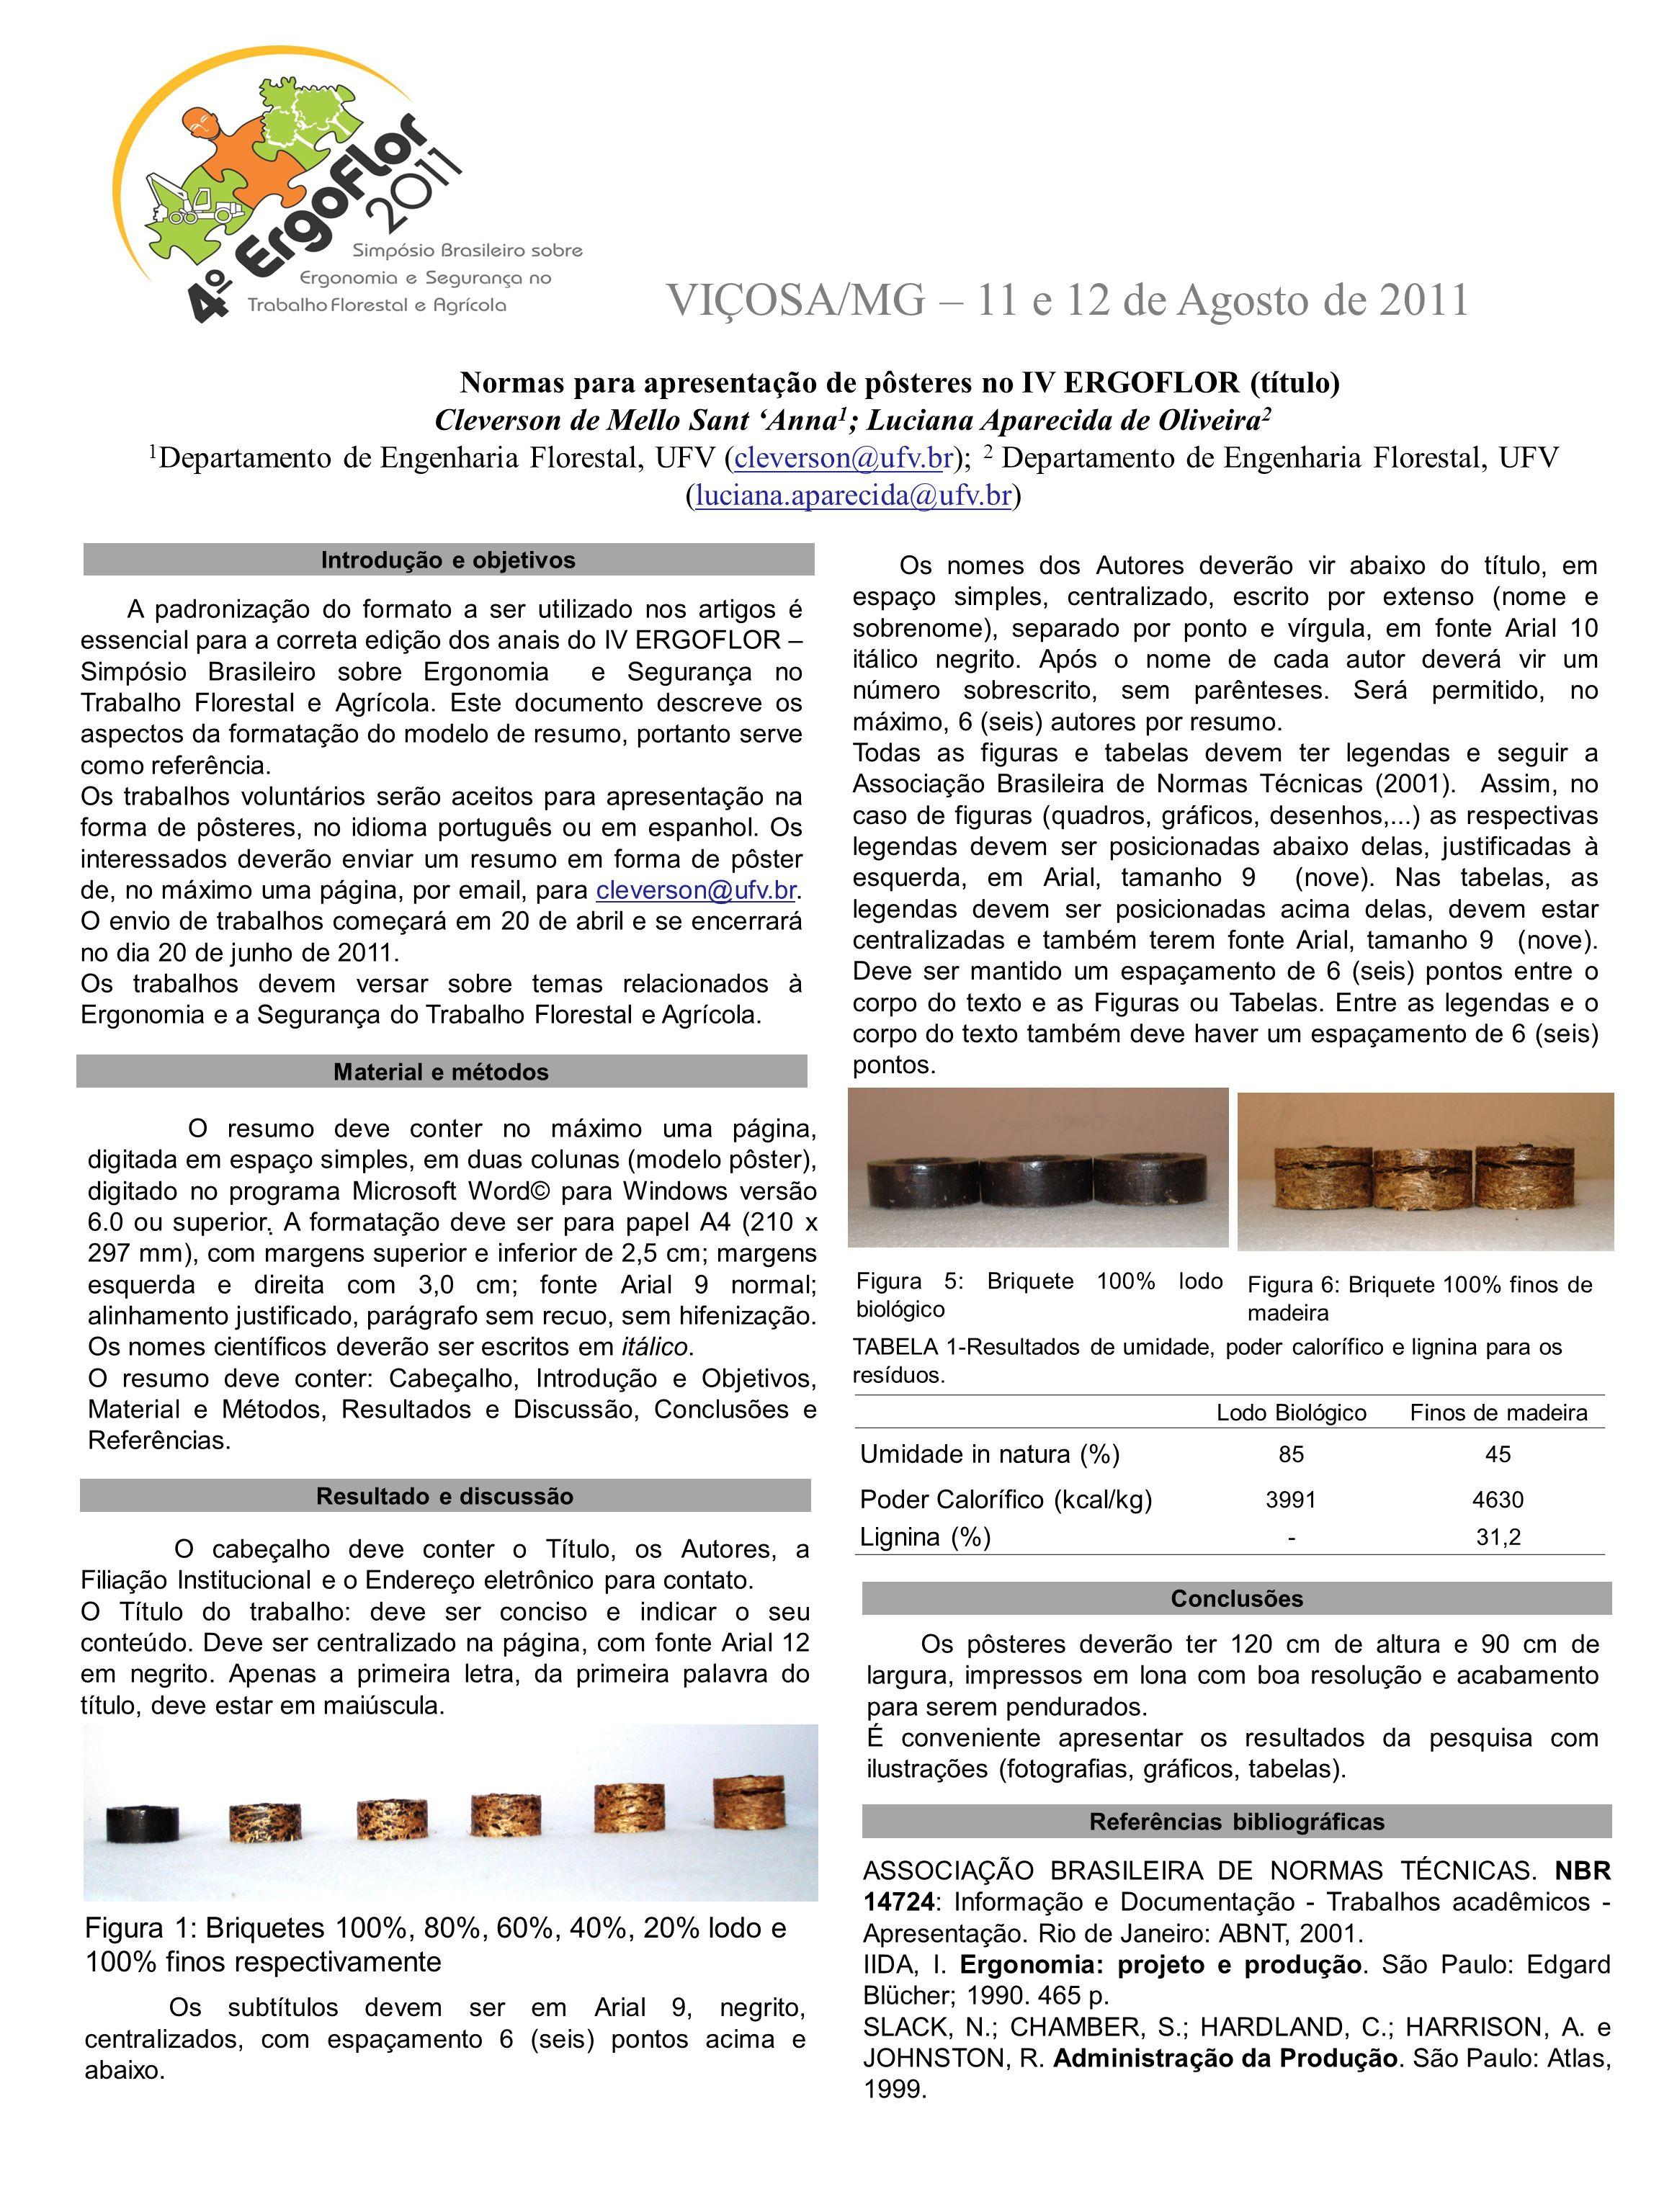 VIÇOSA/MG – 11 e 12 de Agosto de 2011 Introdução e objetivos O resumo deve conter no máximo uma página, digitada em espaço simples, em duas colunas (m